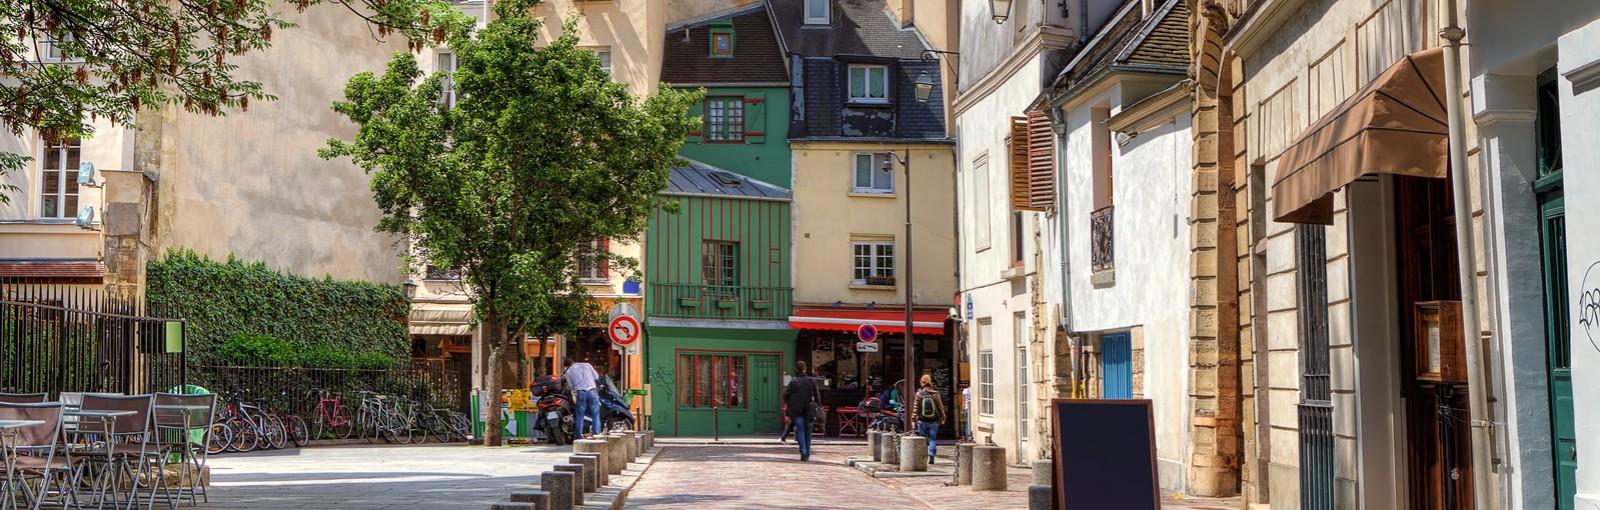 Tours Vieux quartier du Marais, Place des Vosges, Le village Saint Paul - Visites pédestres - Visites de Paris